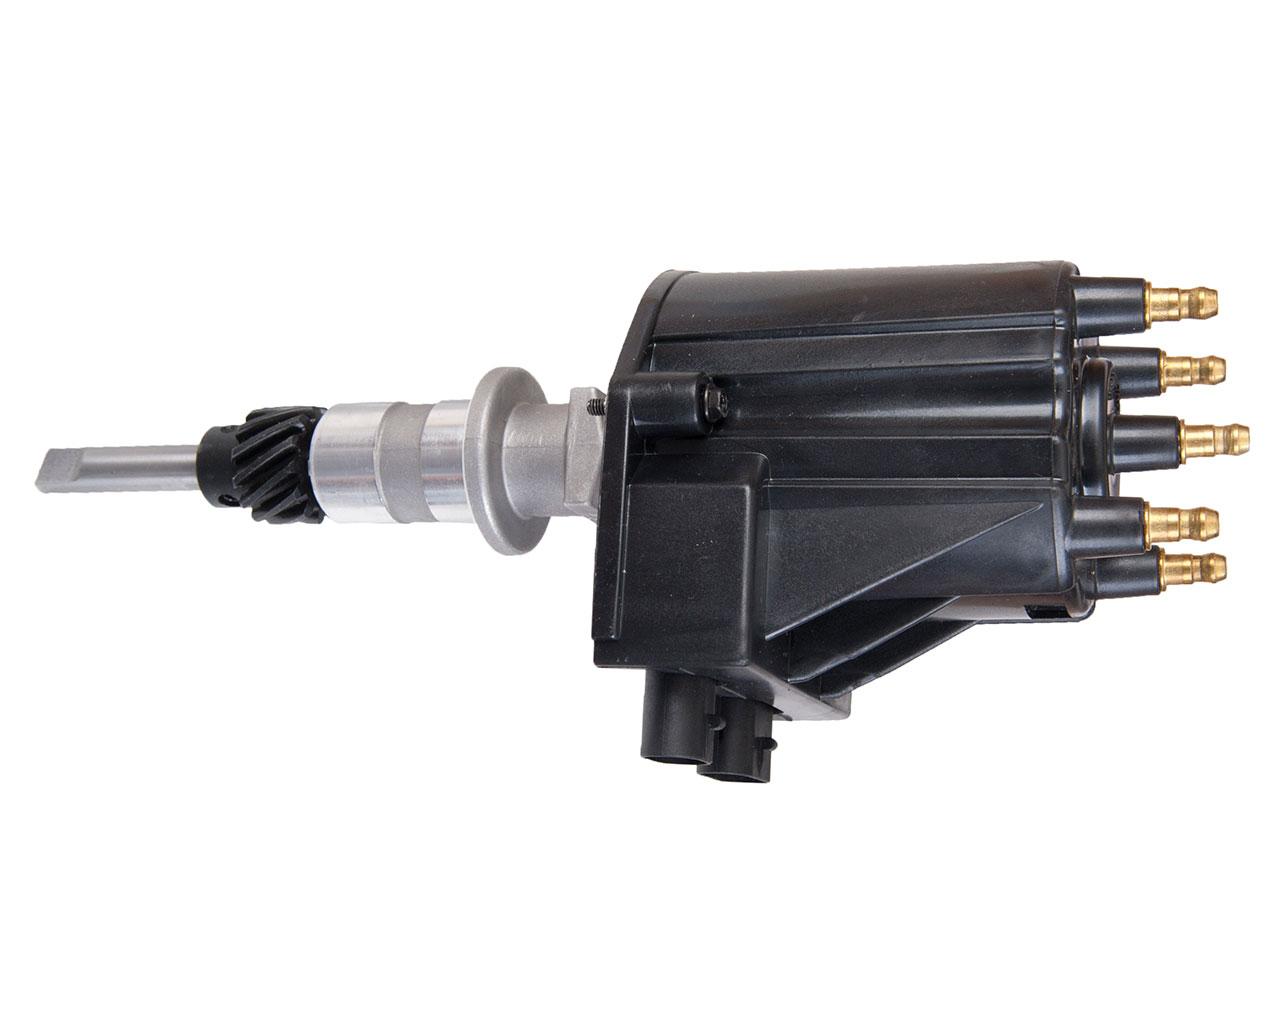 Mercury Mercruiser 898253011 18-5406 Rotor 8M6001254